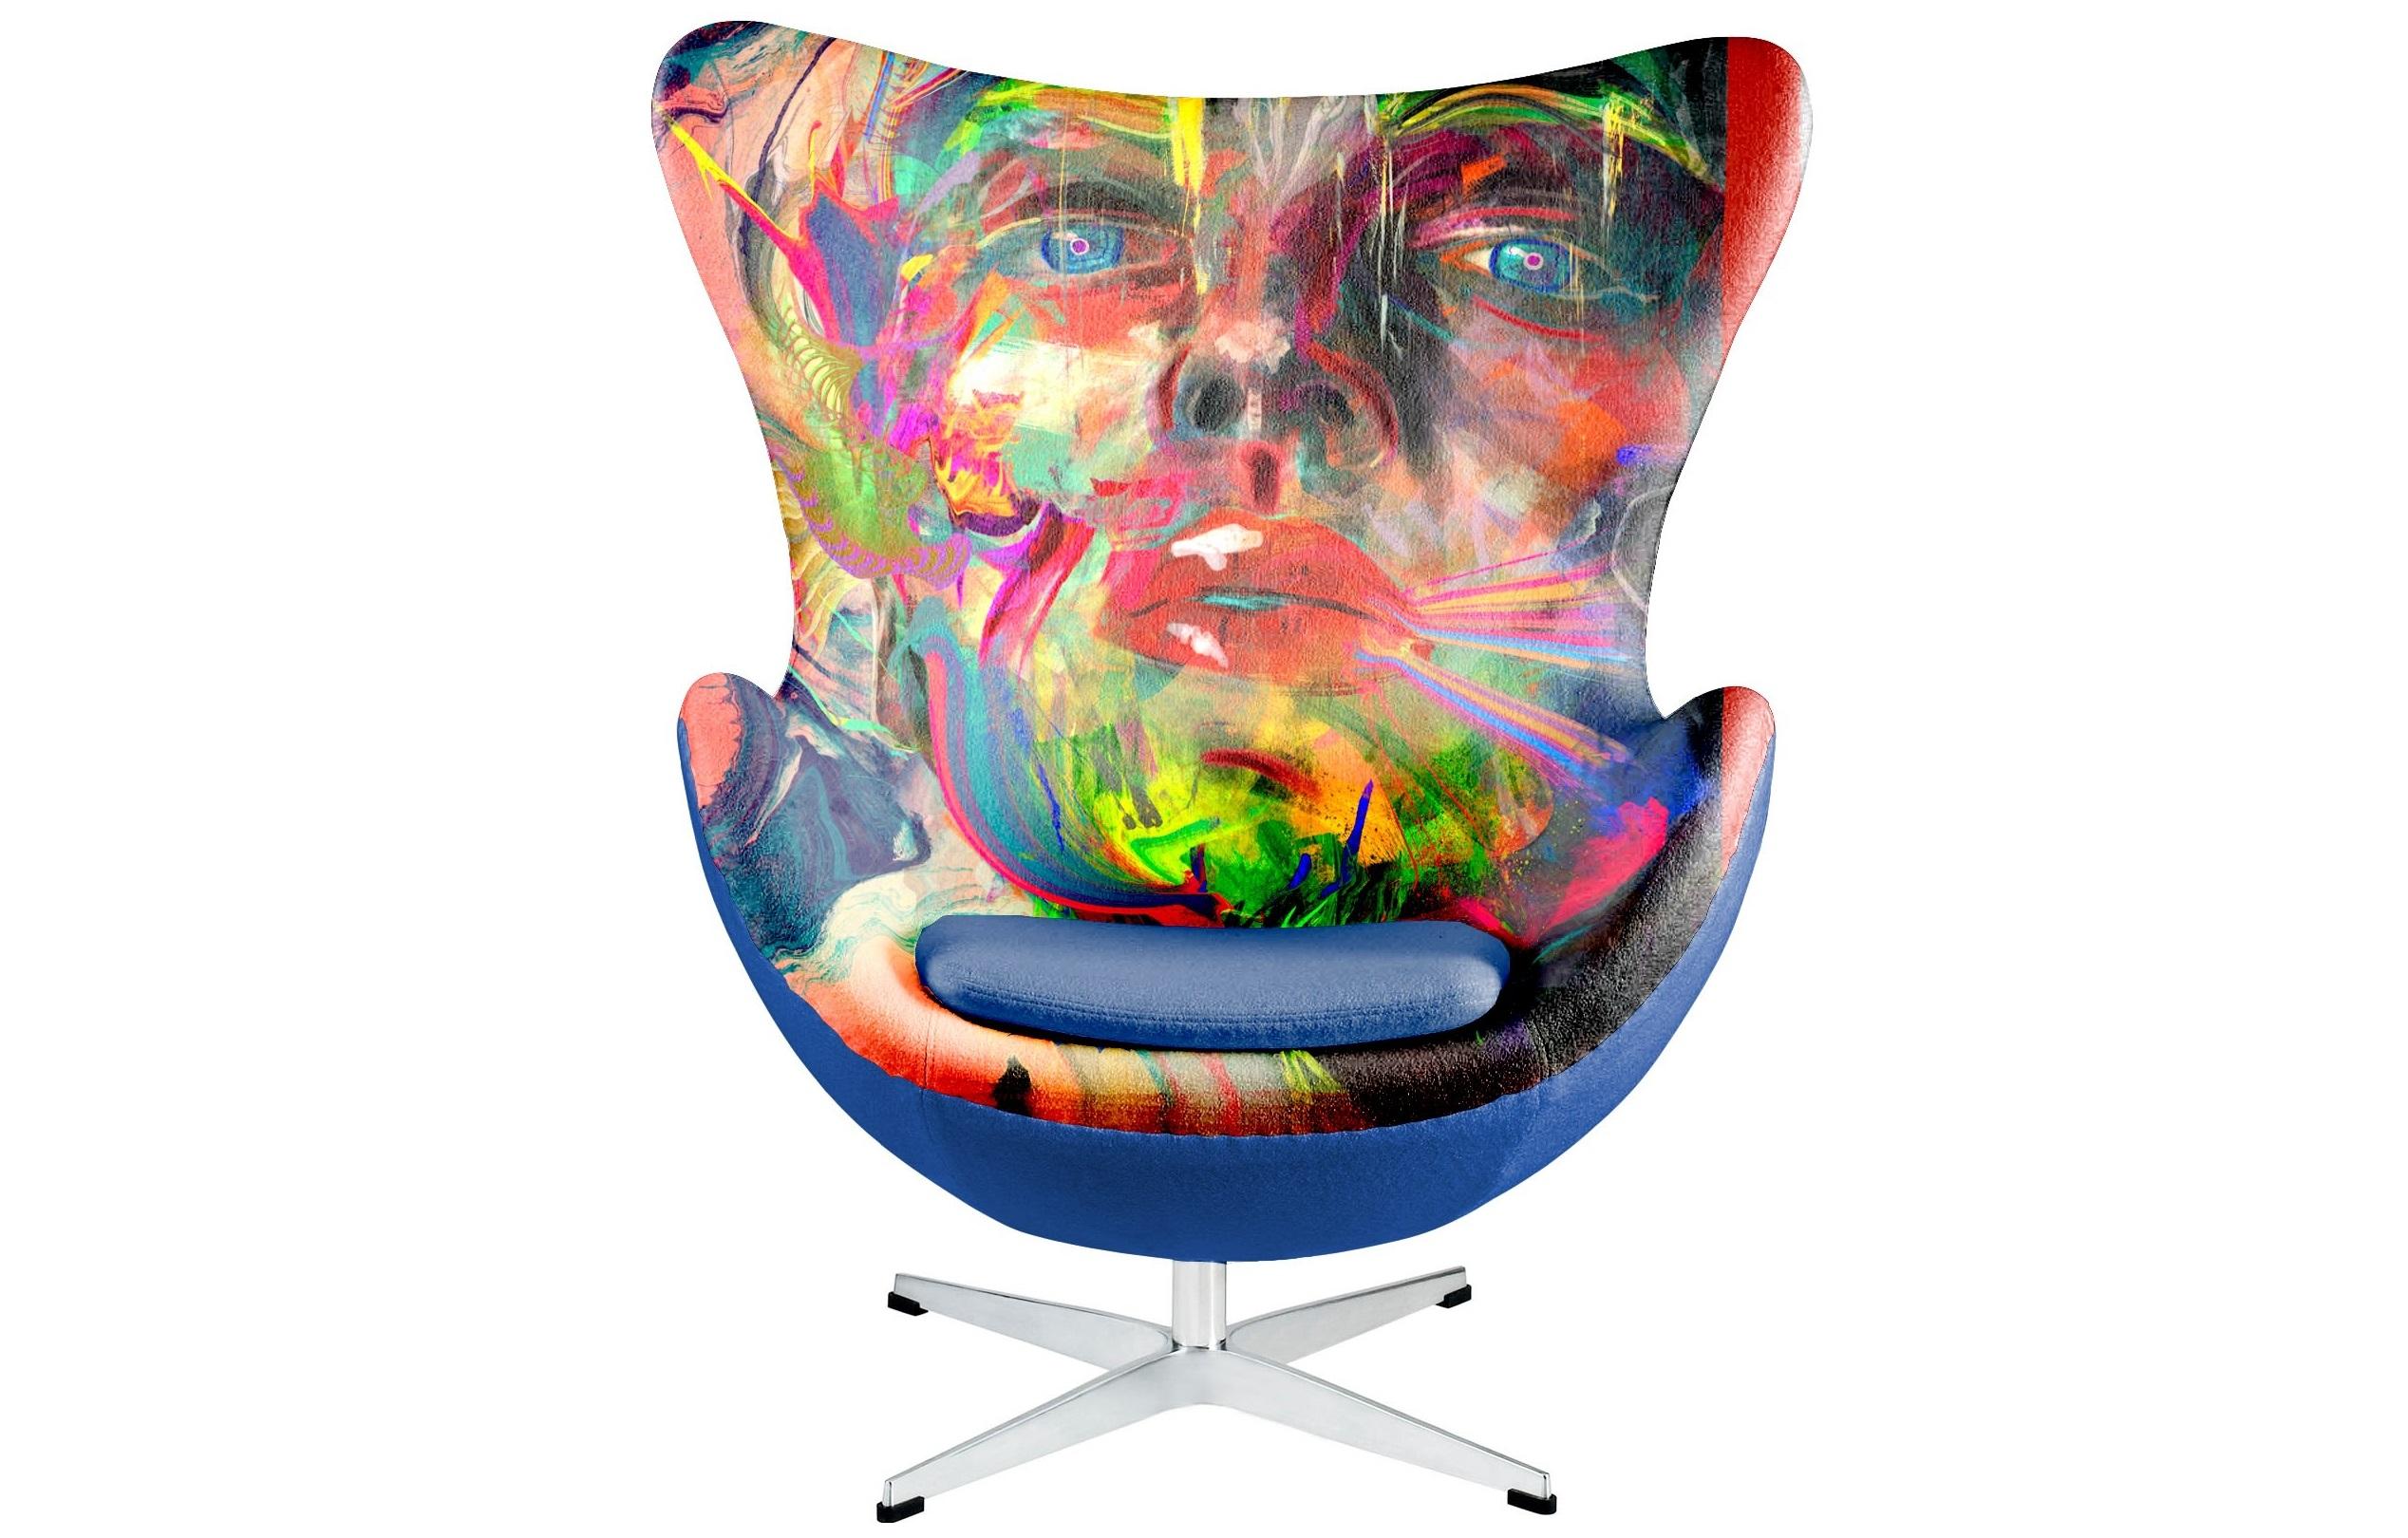 Кресло EGG Sweet AmberКожаные кресла<br>Уникальный дизайн. Кресло с притом супер талантливого и знаменитого во всем мире индийского художника Archan Nair / Арчан Наир. Он сотрудничал с многими людьми и разными компаниями во всем мире, такими как Canon, Nike, Tiger Beer, Sony и т.д. а теперь еще и с производтелями предметов интерьера ICON DESIGNE. Произвдено из экологически чистых материалов. Каркас - стекловолокно ,ножки  - металл. Модель представлена в ткани микровелюр – мягкий, бархатистый материал, широко используемый в качестве обивки для мебели. Обладает целым рядом замечательных свойств: отлично пропускает воздух, отталкивает пыль и долго сохраняет изначальный цвет, не протираясь и не выцветая. Высокие эксплуатационные свойства в сочетании с превосходным дизайном обеспечили микровелюру большую популярность.&amp;amp;nbsp;&amp;lt;div&amp;gt;&amp;lt;br&amp;gt;&amp;lt;/div&amp;gt;&amp;lt;div&amp;gt;Варианты исполнения: <br>По желанию возможность выбрать ткань из других коллекций.&amp;amp;nbsp;&amp;lt;/div&amp;gt;&amp;lt;div&amp;gt;Гарантия: от производителя 1 год&amp;lt;/div&amp;gt;&amp;lt;div&amp;gt;Гарантия от производителя&amp;amp;nbsp;&amp;lt;/div&amp;gt;&amp;lt;div&amp;gt;Материалы: береза, текстиль.&amp;amp;nbsp;&amp;lt;/div&amp;gt;&amp;lt;div&amp;gt;Продукция изготавливается под заказ, стандартный срок производства 3-4 недели.&amp;amp;nbsp;&amp;lt;/div&amp;gt;&amp;lt;div&amp;gt;Более точную информацию уточняйте у менеджера.&amp;lt;/div&amp;gt;<br><br>Material: Текстиль<br>Ширина см: 82<br>Высота см: 105<br>Глубина см: 76